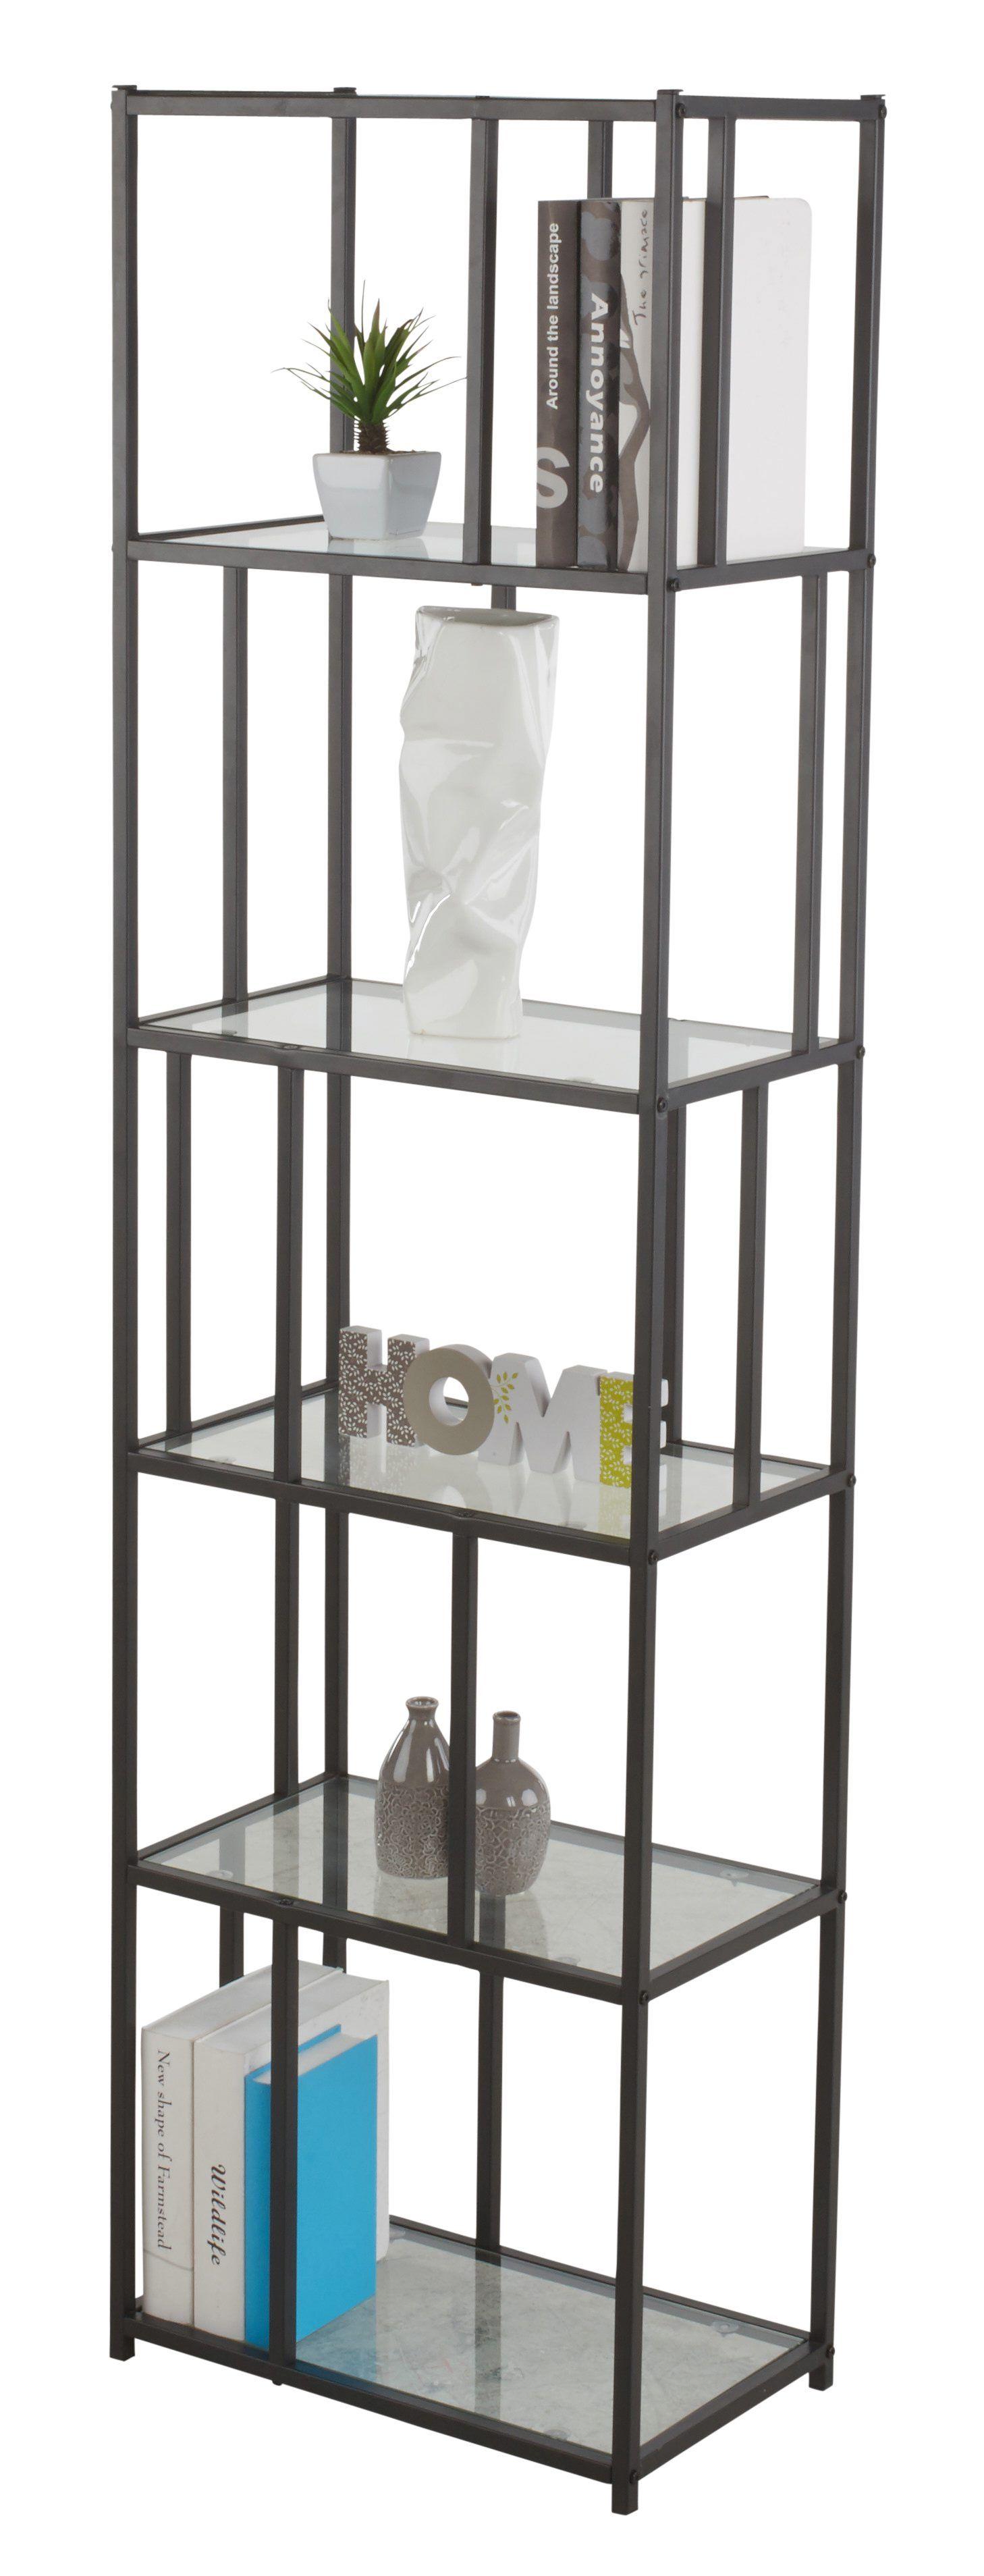 Bibliotheque Graphic Verre Metal Noir Pour Un Esprit Industriel But Mobilier De Salon Meuble Canape Relooker Une Table Basse